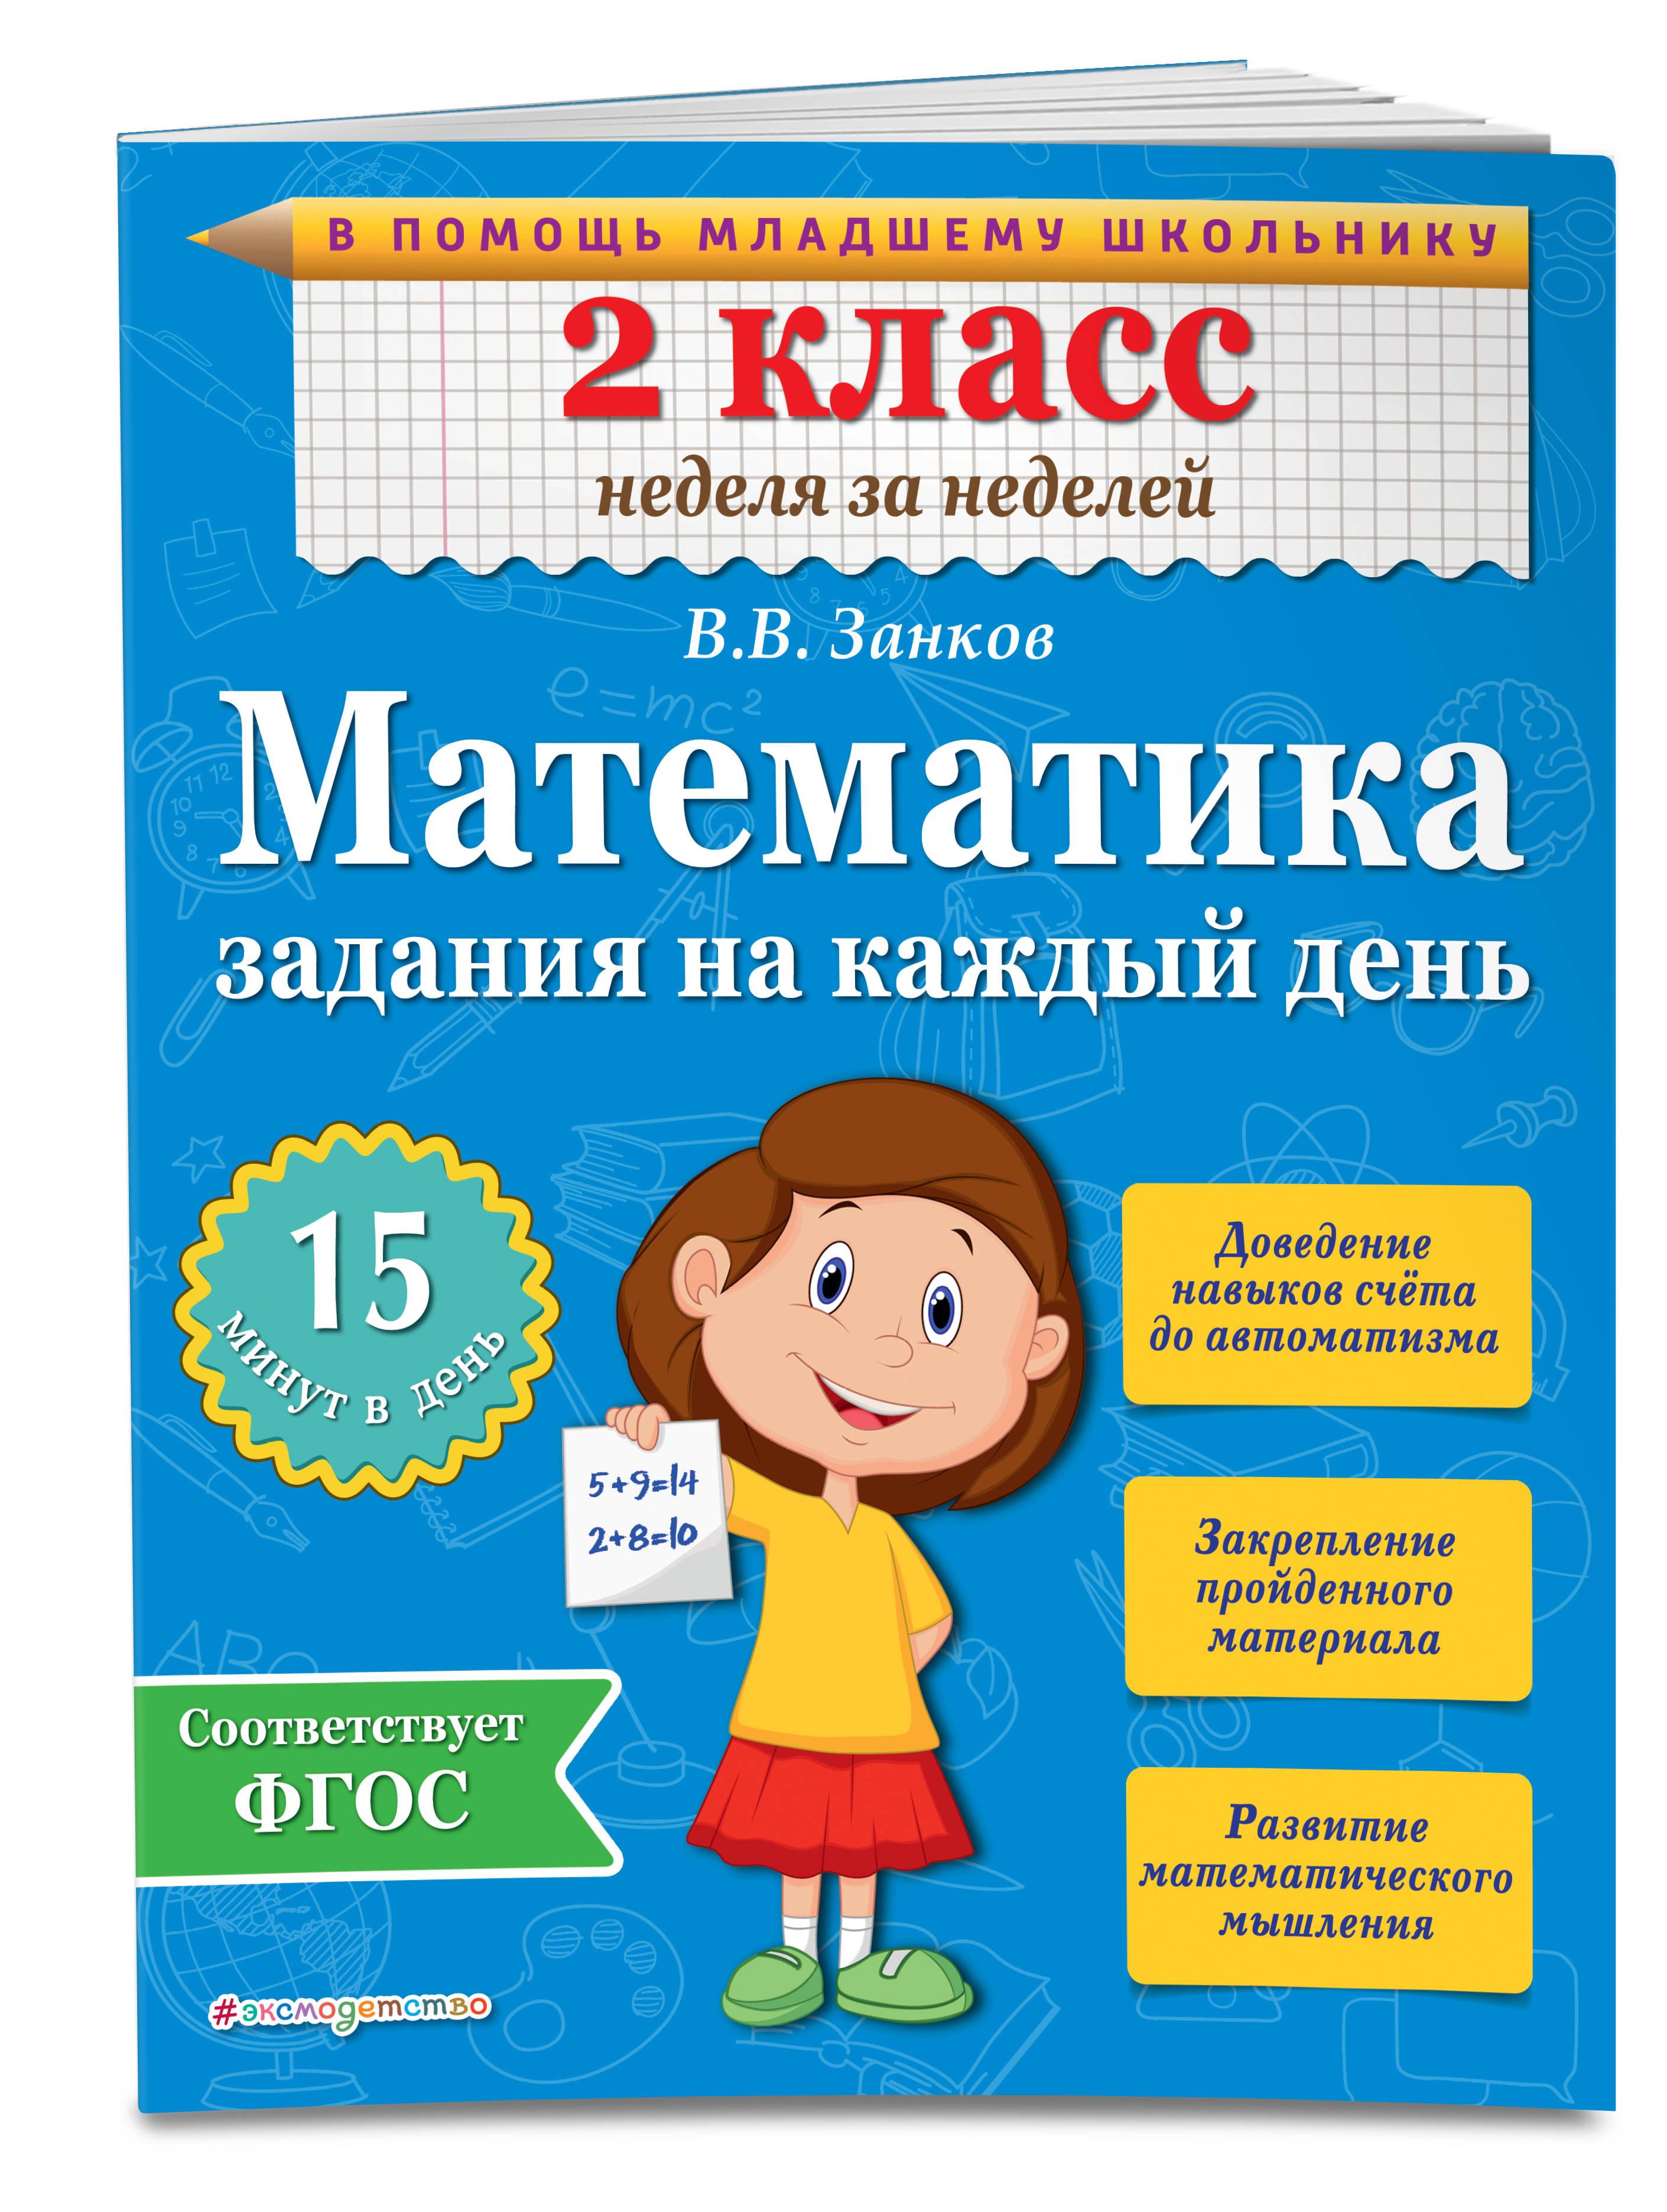 Источник: Занков В.В.. Математика. 2 класс. Задания на каждый день